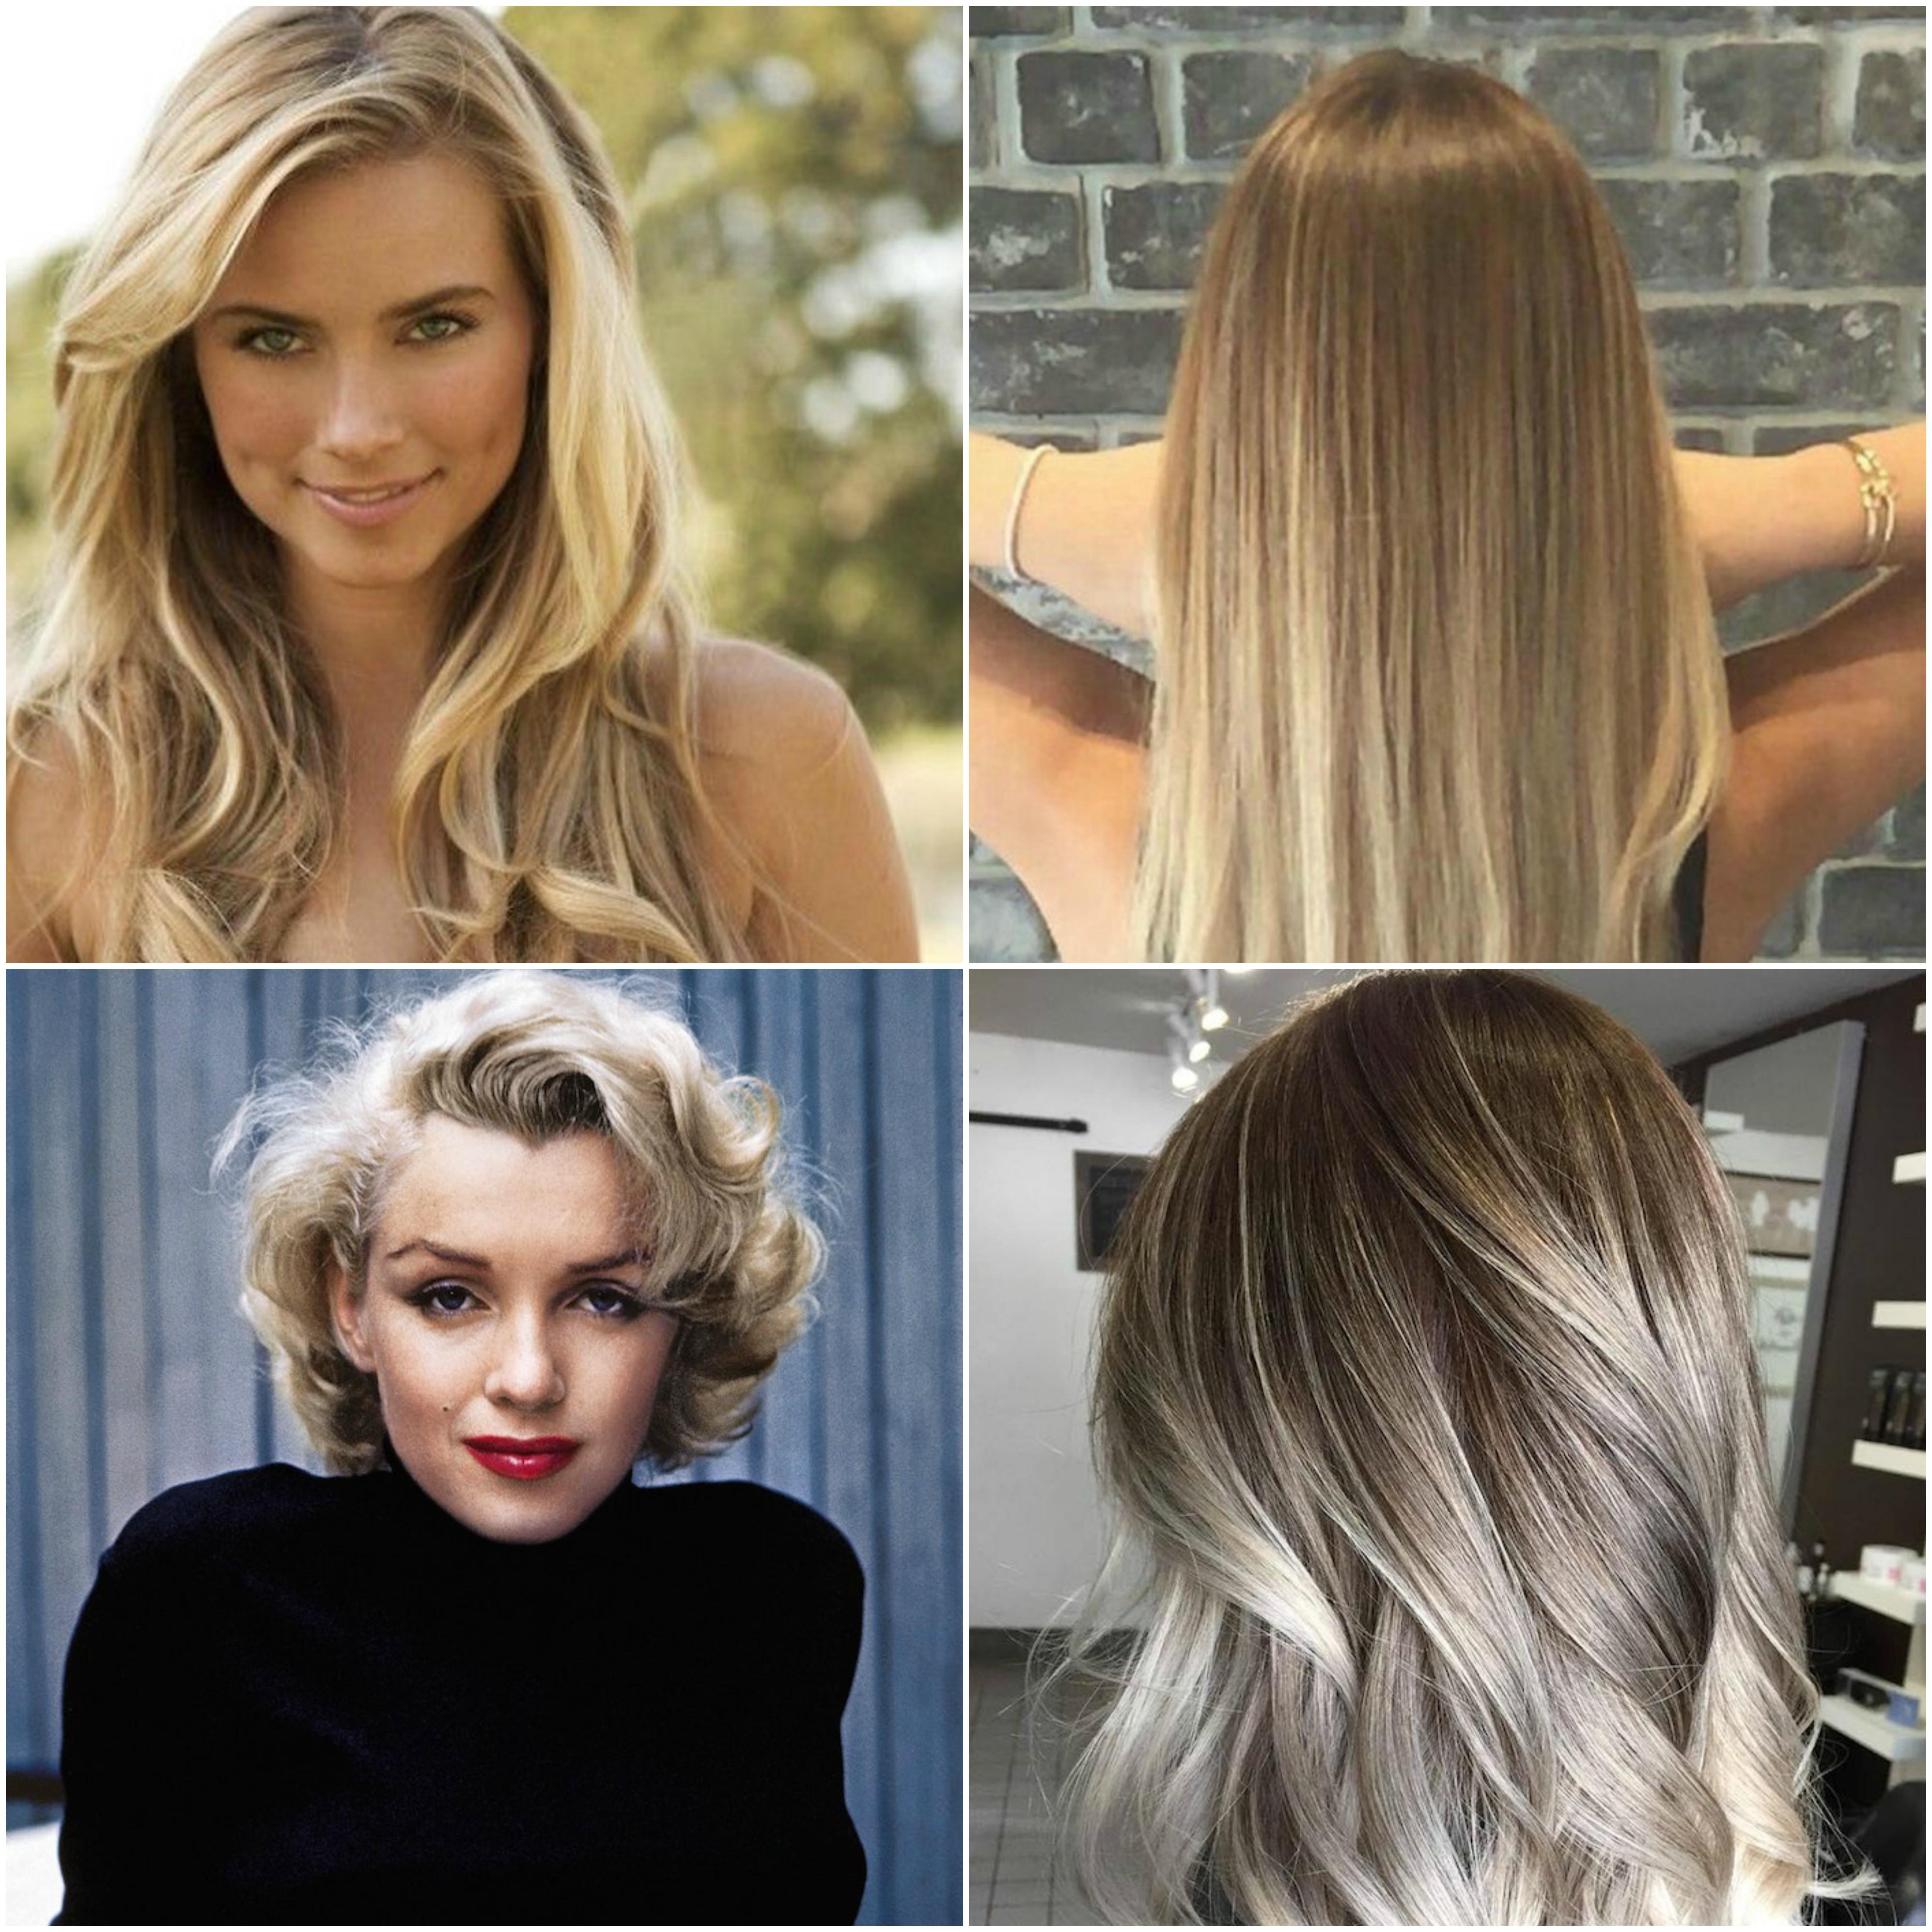 schöne Haare - vier Beispiele von der Haarfarbe dunkelblond, die ausgezeichnet aussehen